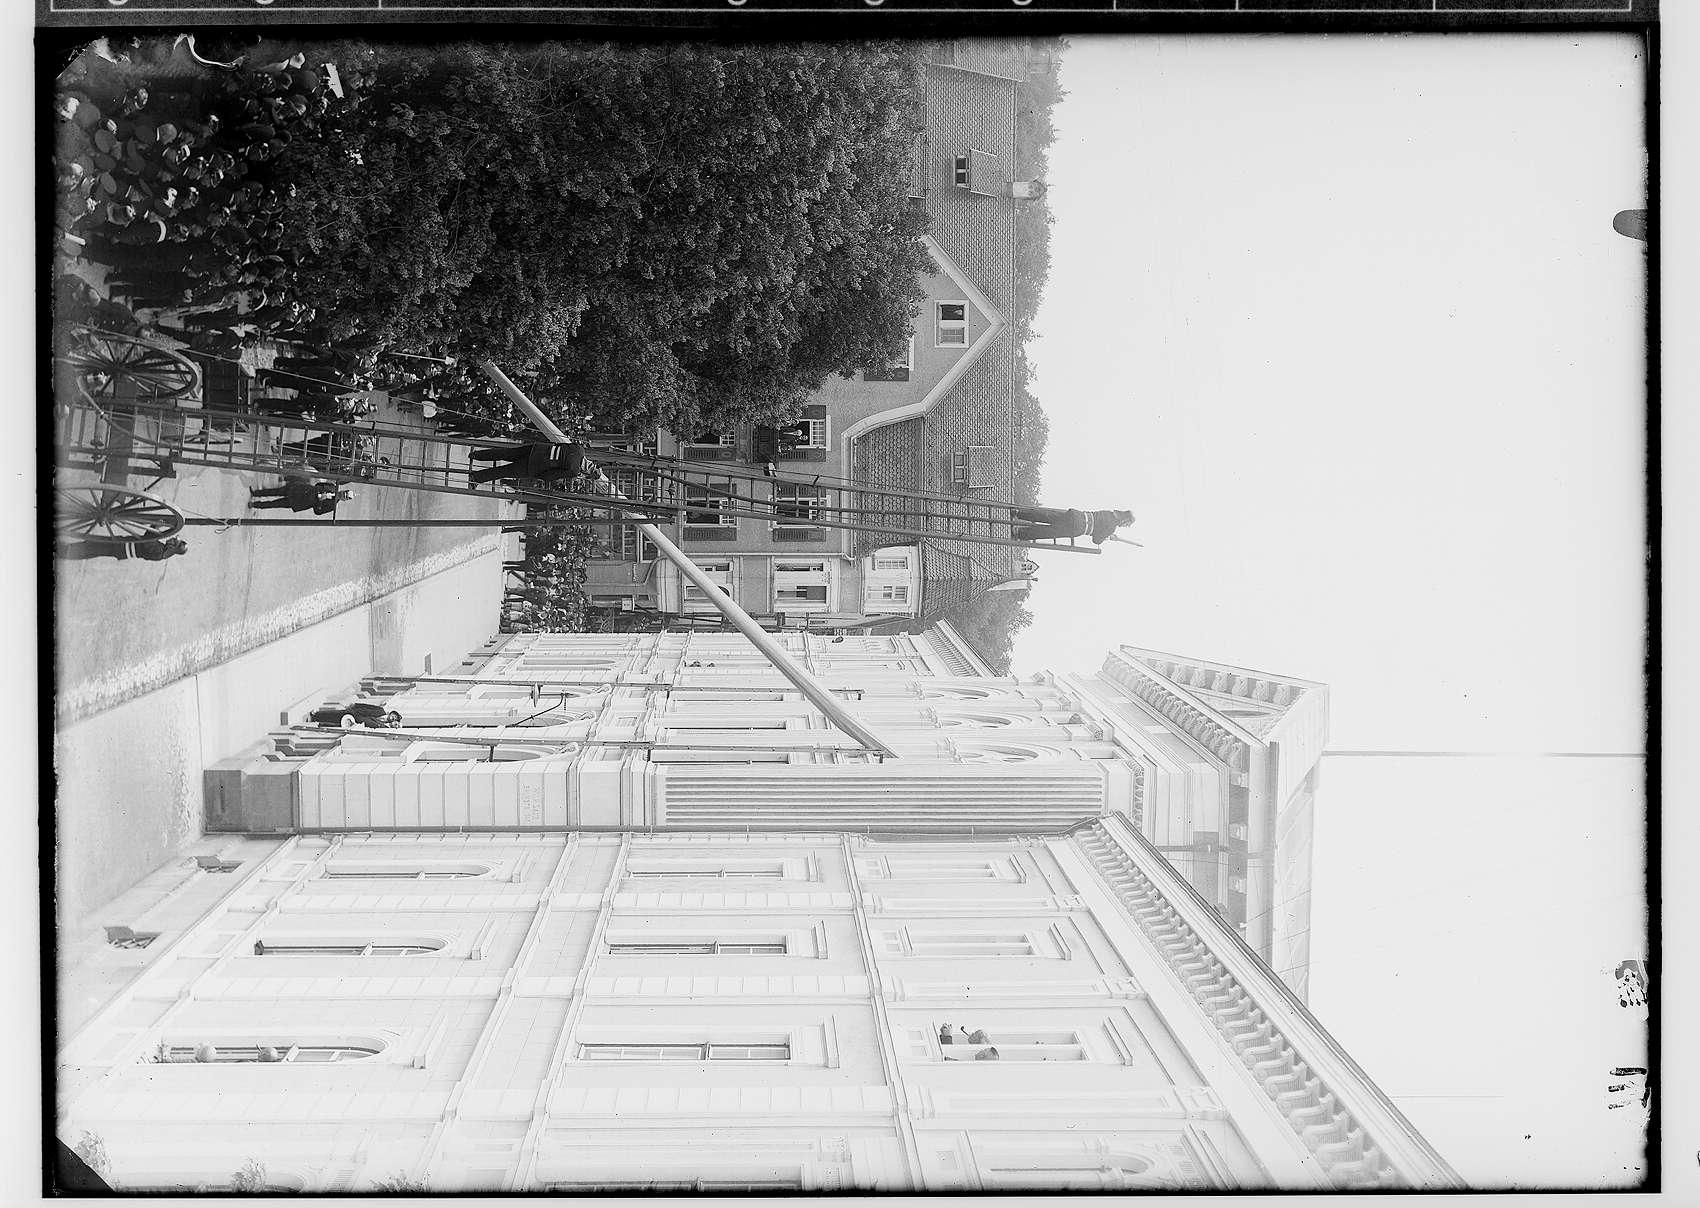 70jähriges Gründungsjubiläum der Freiwilligen Feuerwehr 1930; Übung mit Leitern am Leopoldsplatz beim Gebäude der Landesbank; Blick in Richtung Haus Leopoldsplatz 4, Bild 1